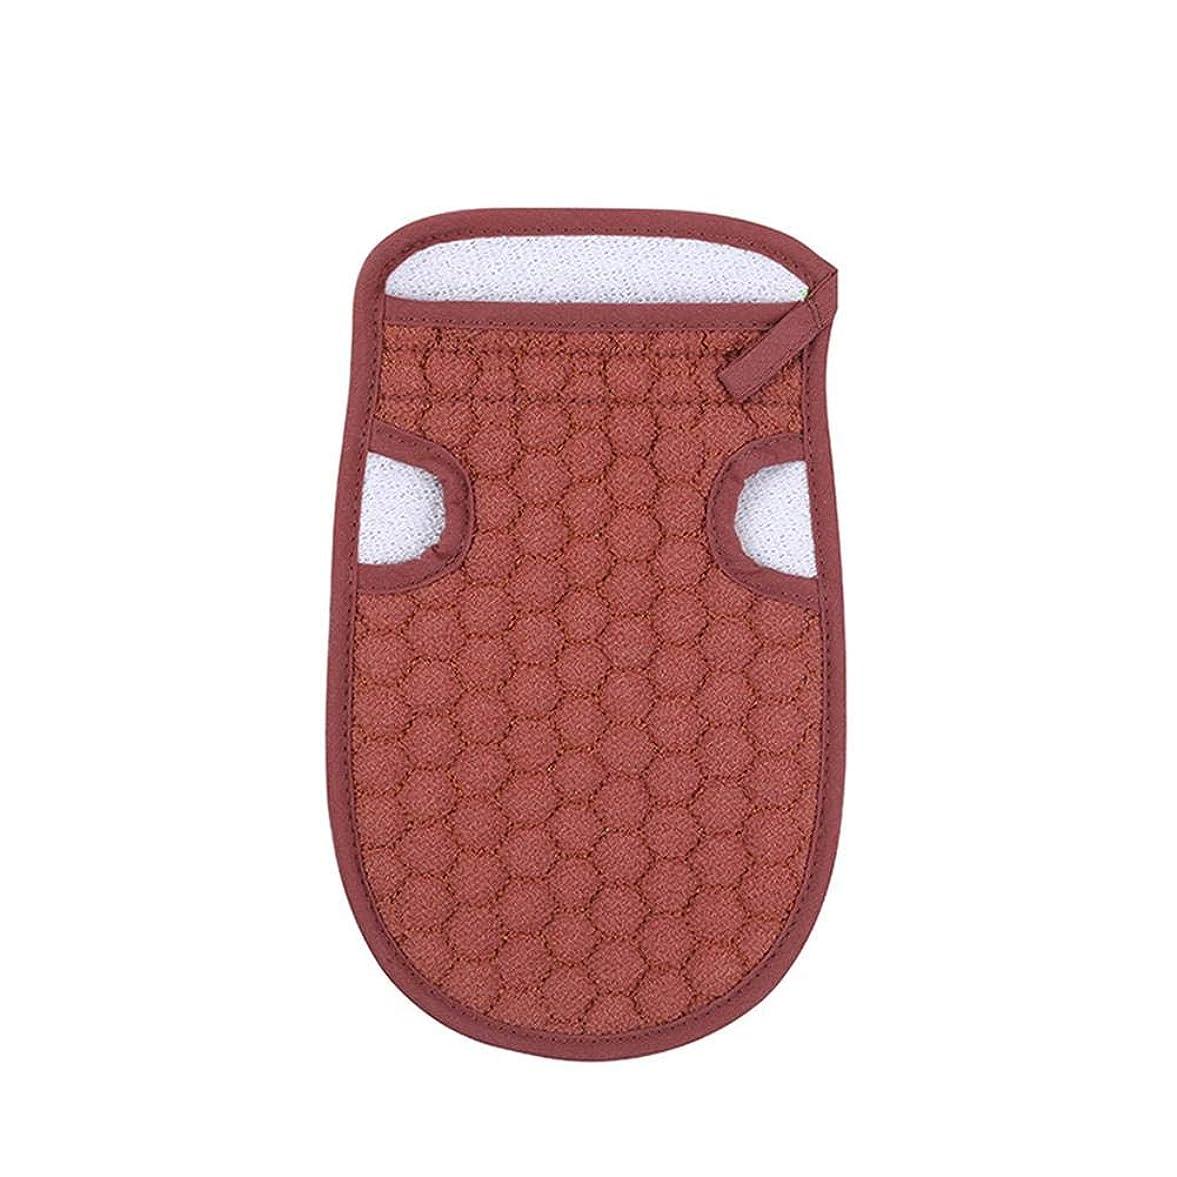 ビルマ唯一十分浴用手袋 あかすり ボディタオル 入浴用品 バス用品 垢すり手袋 毛穴清潔 角質除去 男女兼用